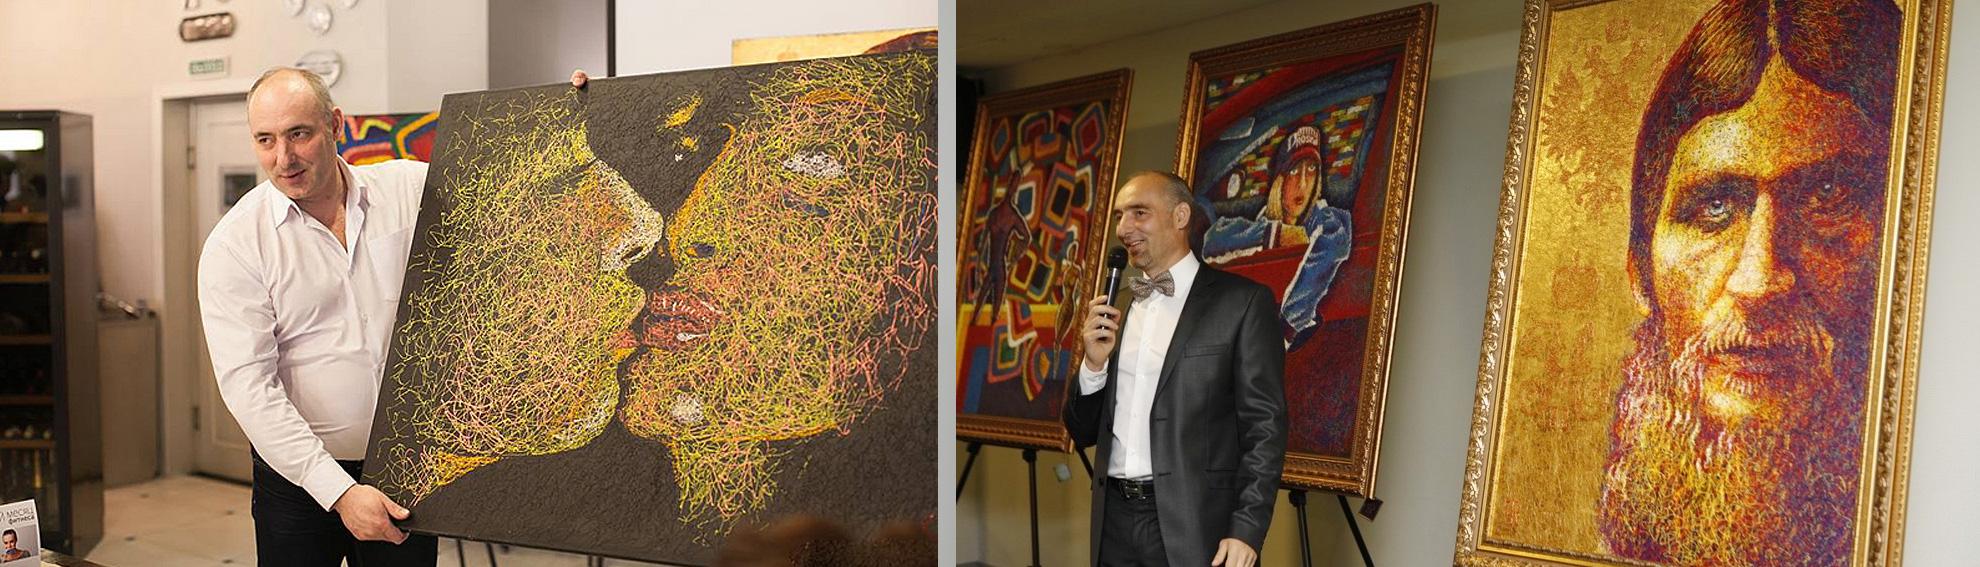 Галерея тюменского художника-филумиста Игоря Рязанцева